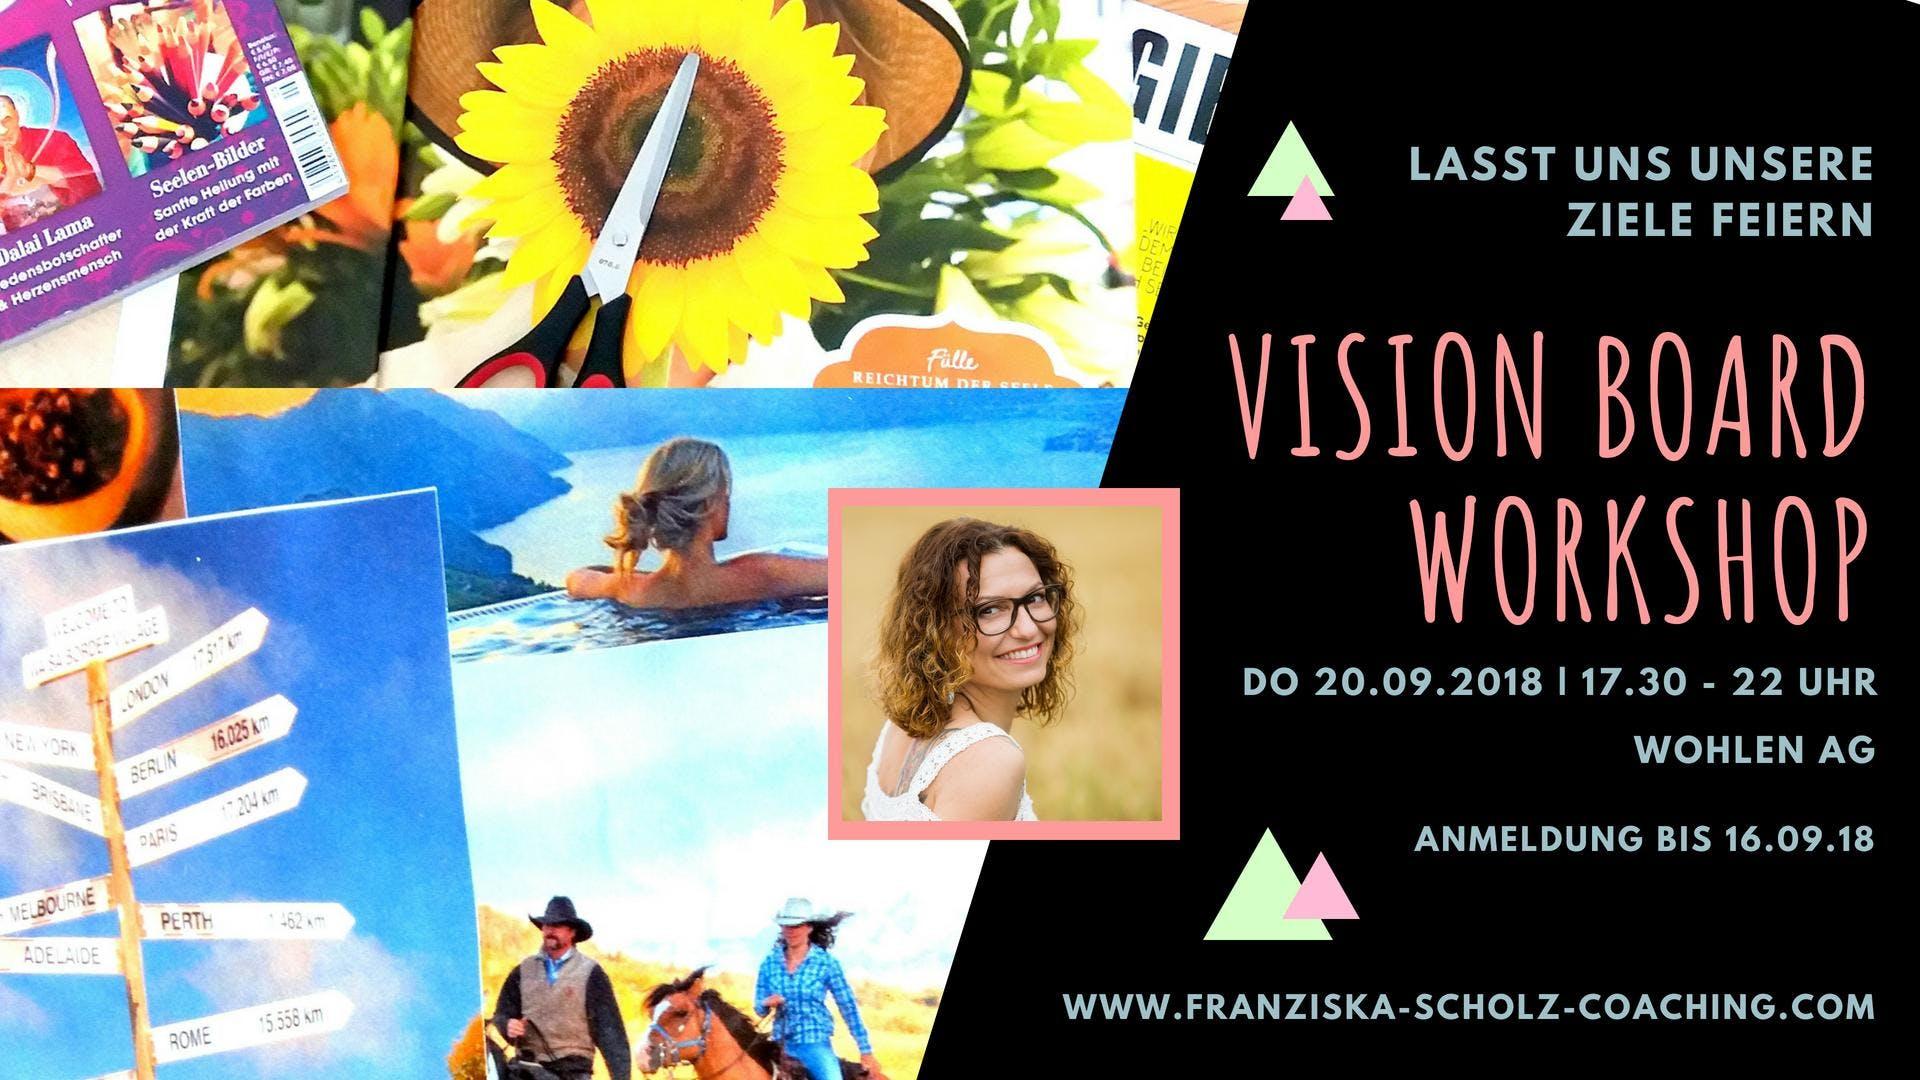 Vision Board Workshop - Kreiere dir ein Leben wie es DIR gefällt!